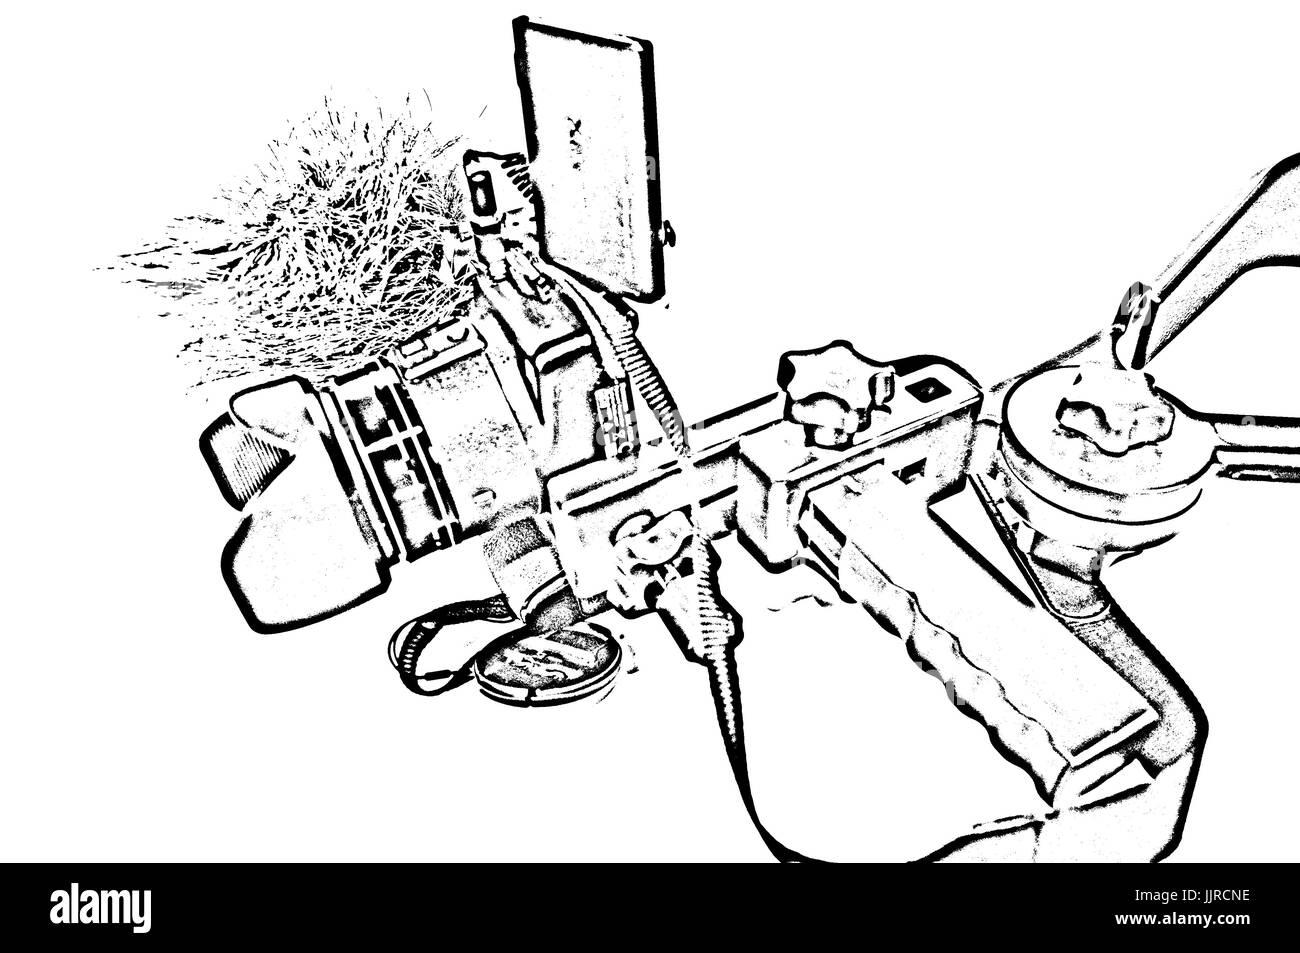 Video Shooting, Pop Art Filter, Studio Work. - Stock Image